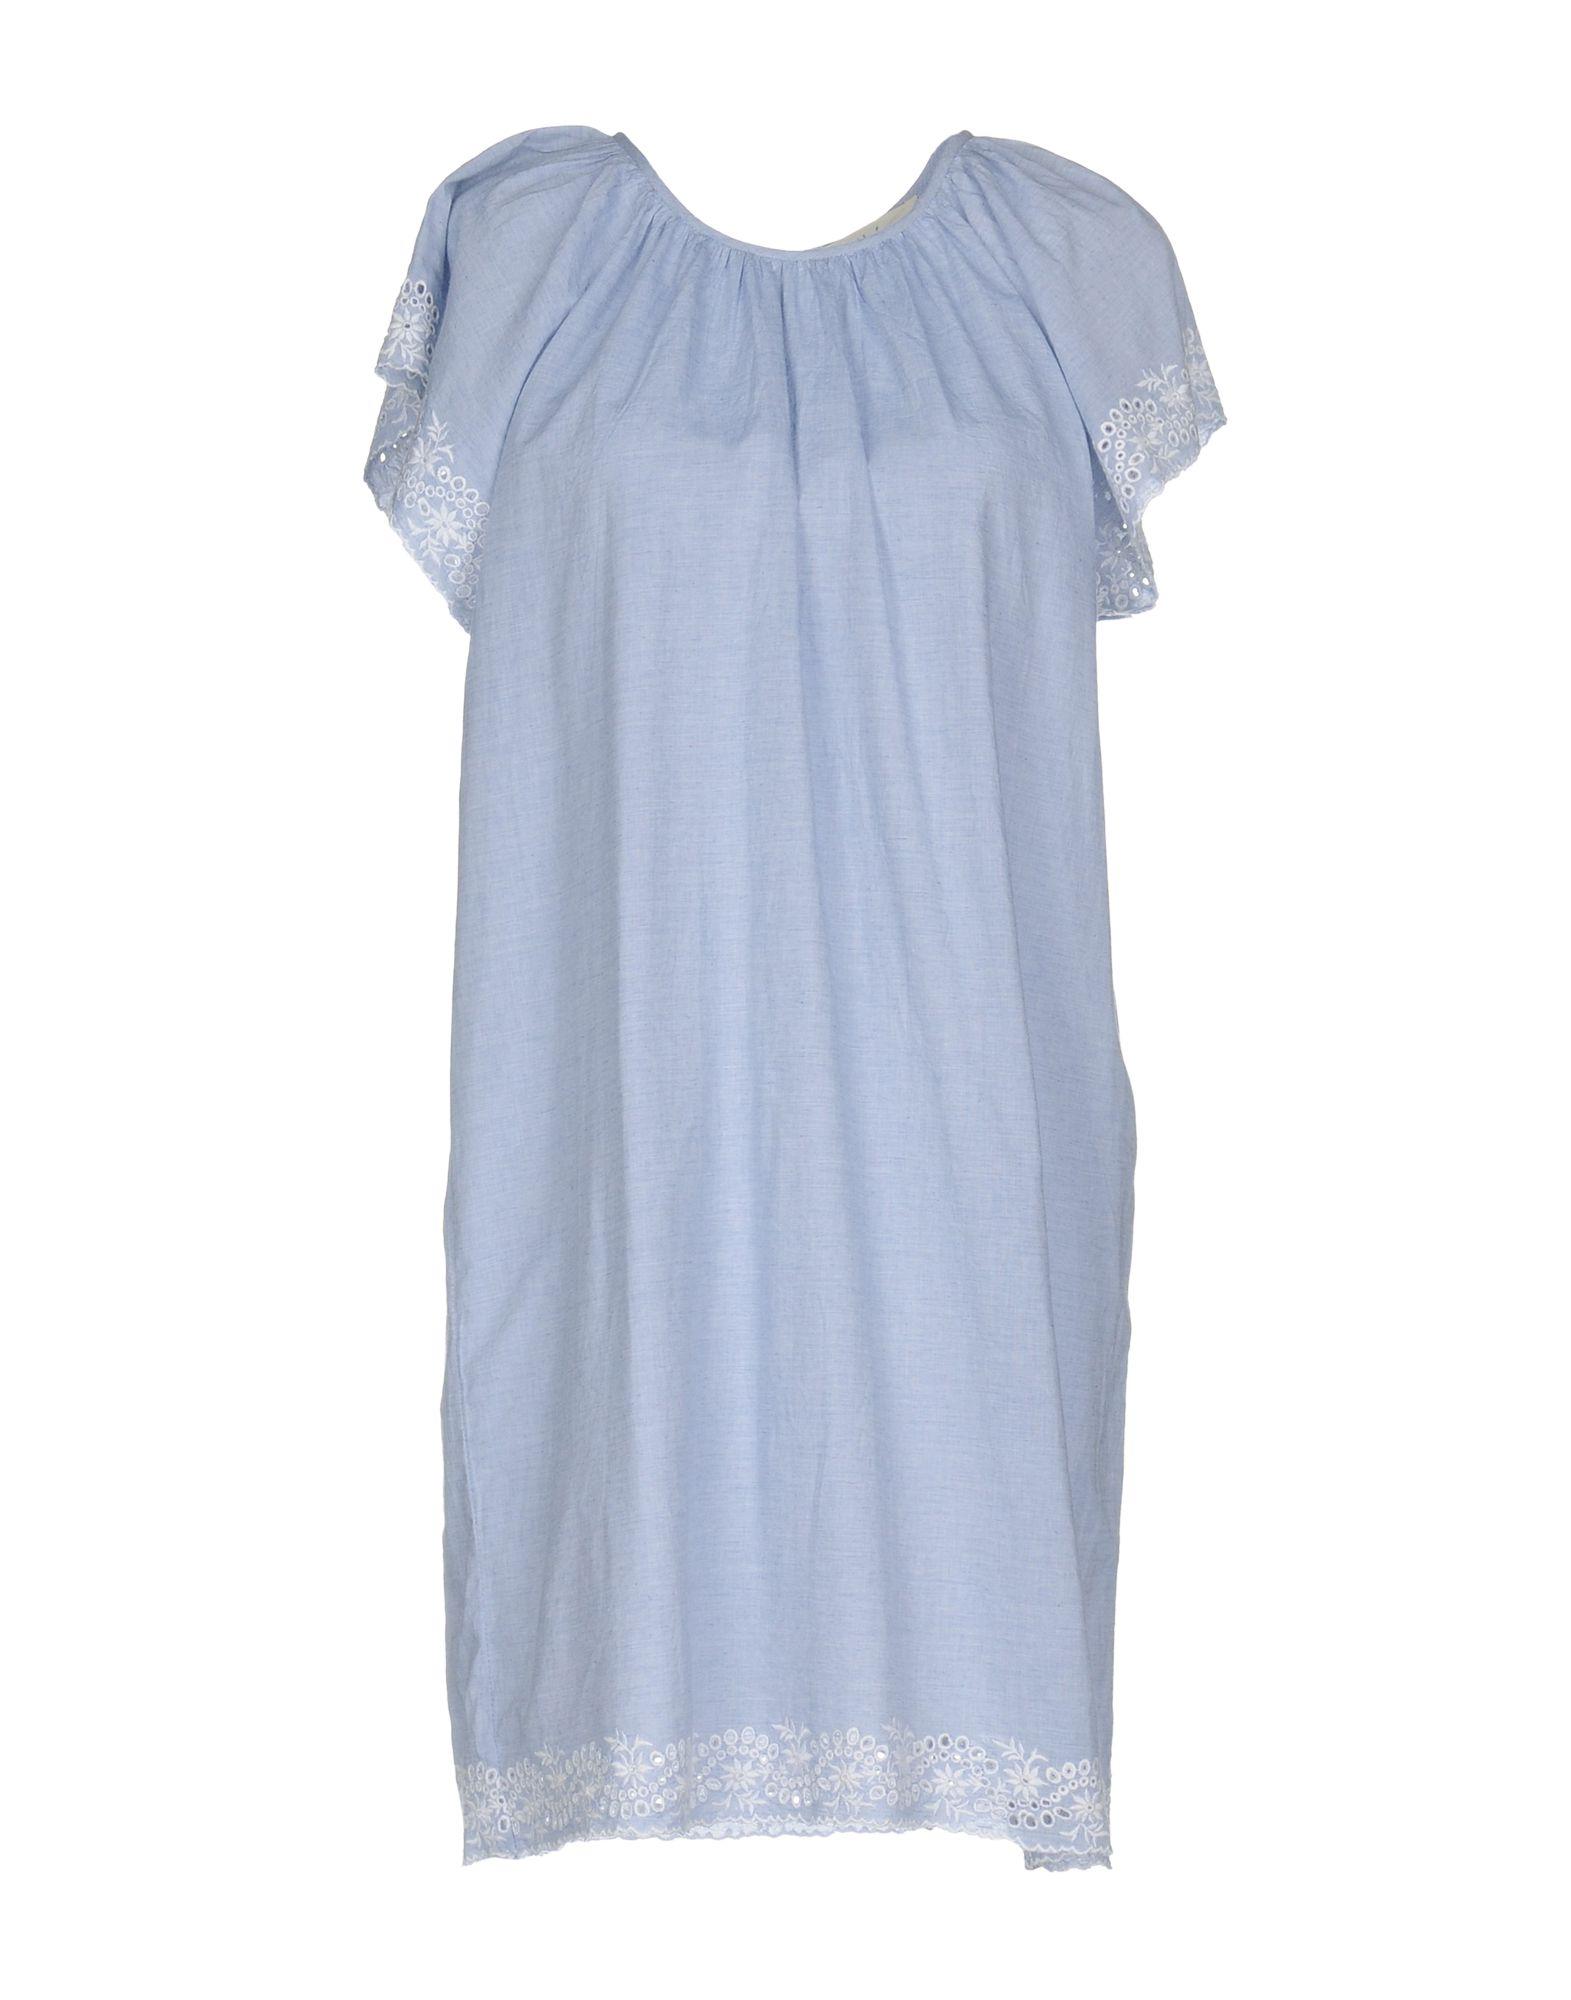 цены на VANESSA BRUNO ATHE' Короткое платье в интернет-магазинах